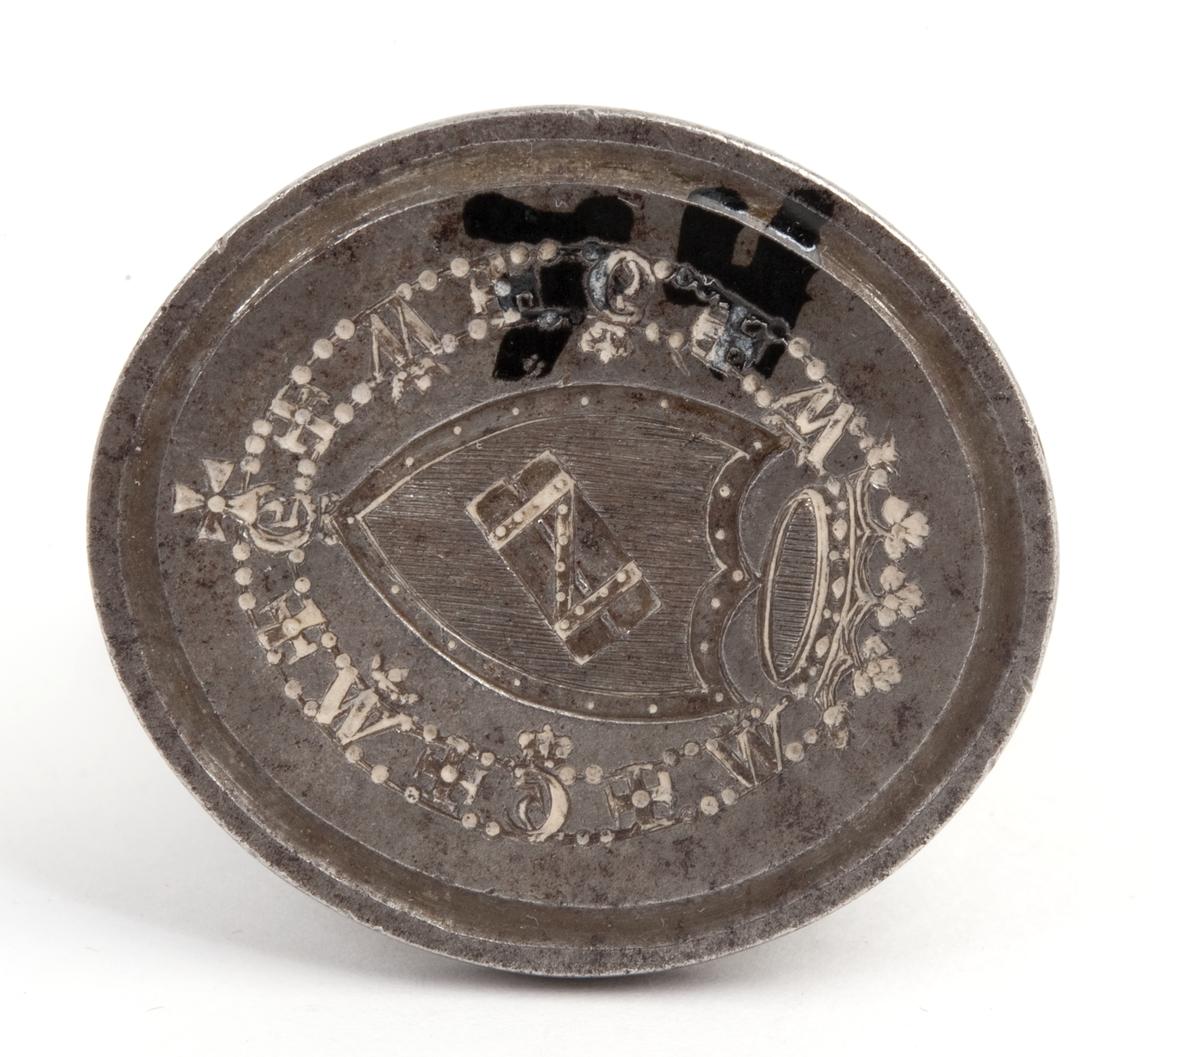 Stempelet har form som et skjold. Krone øverst, bord med bokstaver rundt, ovalt håndtak med enkel utsmykning. Efter General Haxthausen.